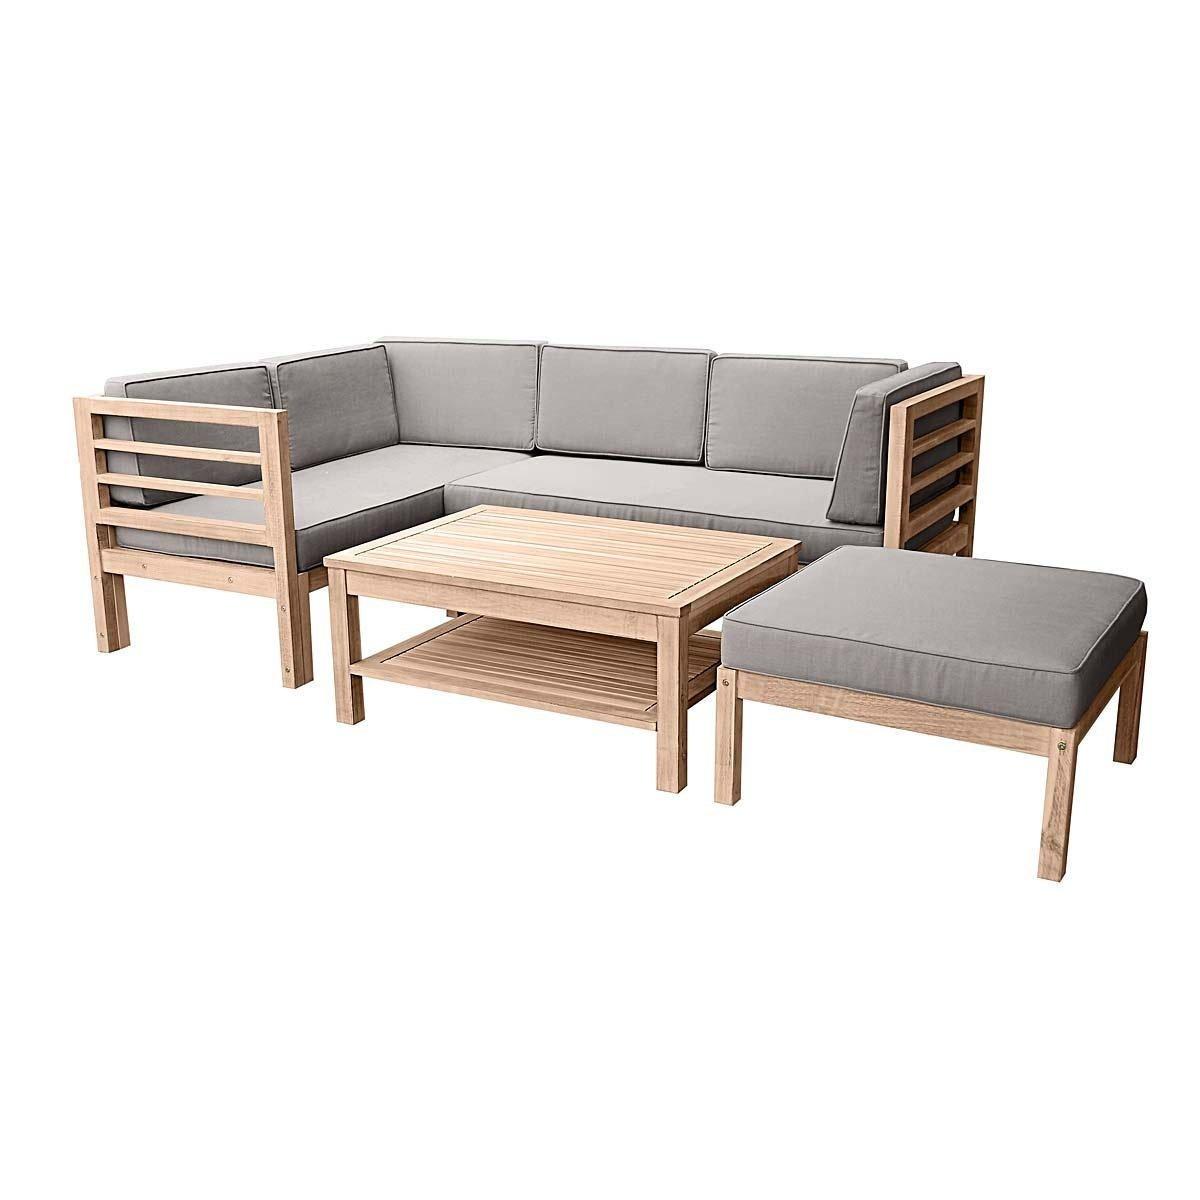 Gartenmöbel-Set variabel platzierbar 2 Sitzelemente 1 Gartentisch 1 ...